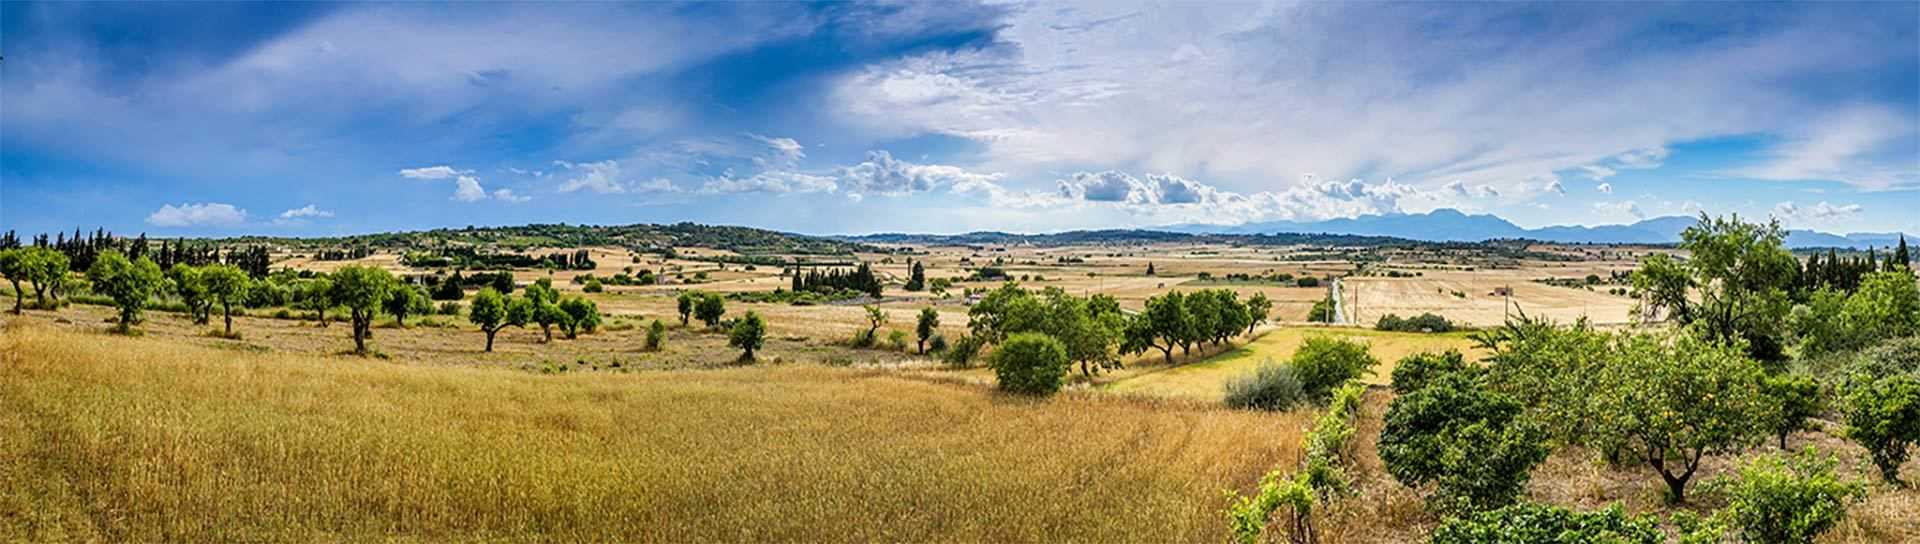 Manacor Farmland Panoramic View